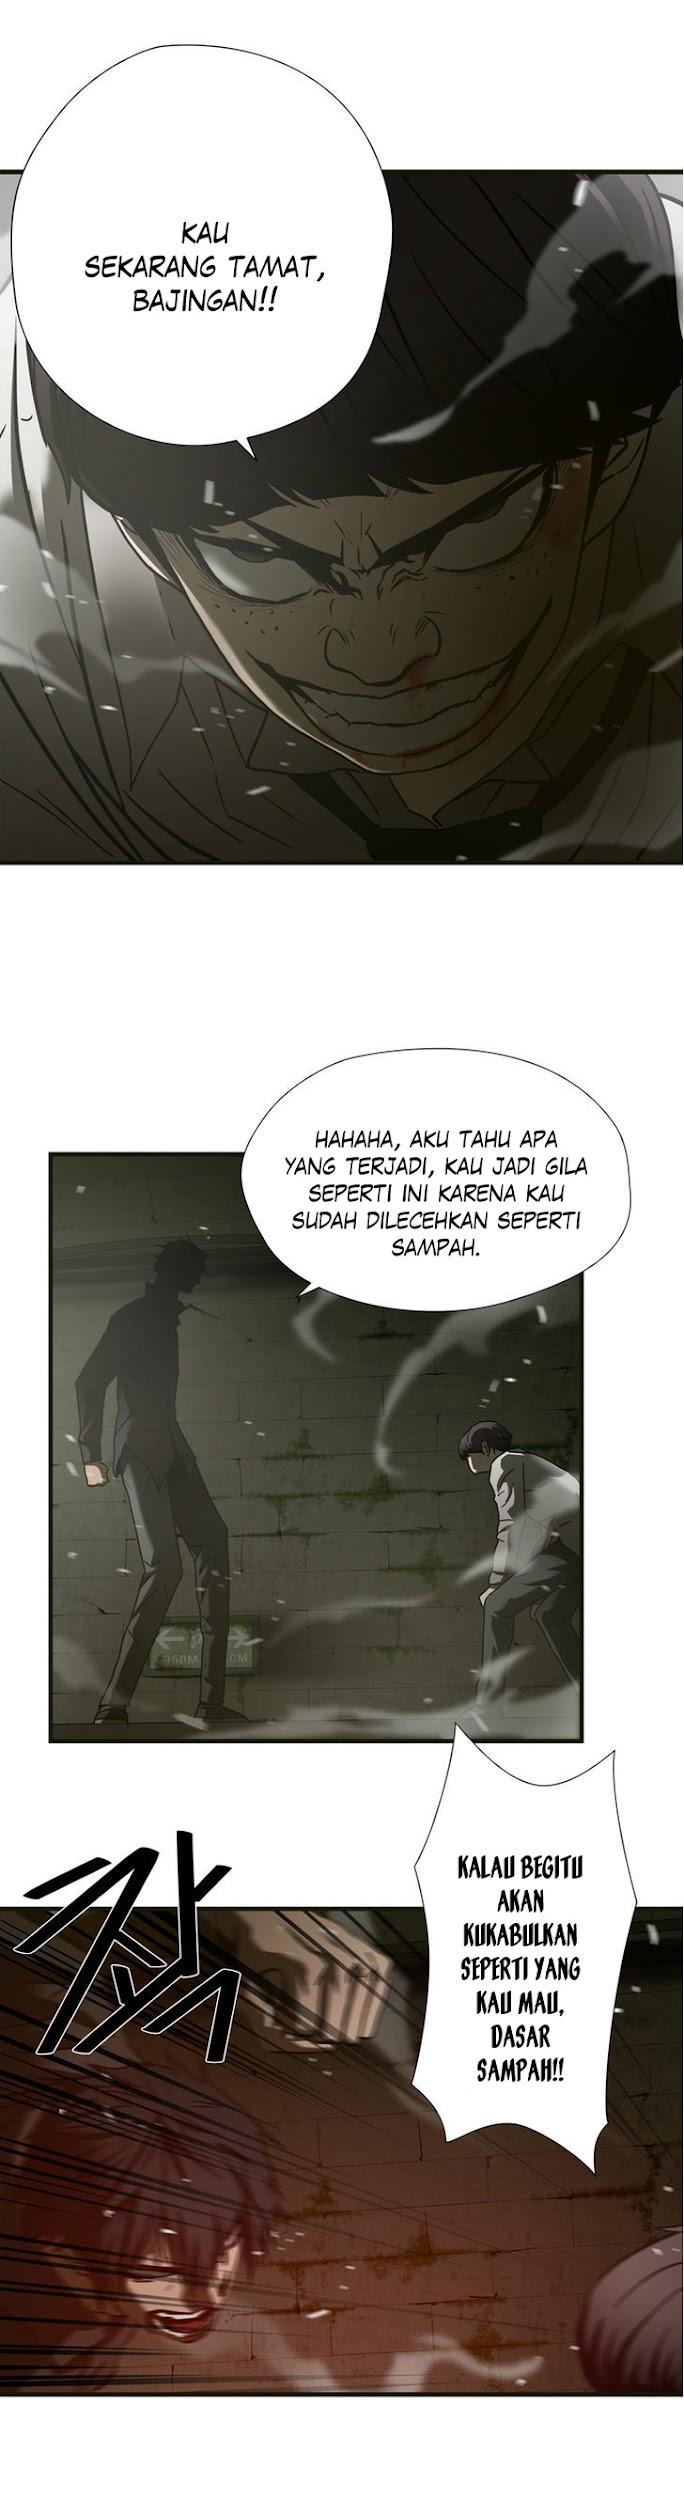 Dilarang COPAS - situs resmi www.mangacanblog.com - Komik greatest outcast 040 - chapter 40 41 Indonesia greatest outcast 040 - chapter 40 Terbaru 16|Baca Manga Komik Indonesia|Mangacan